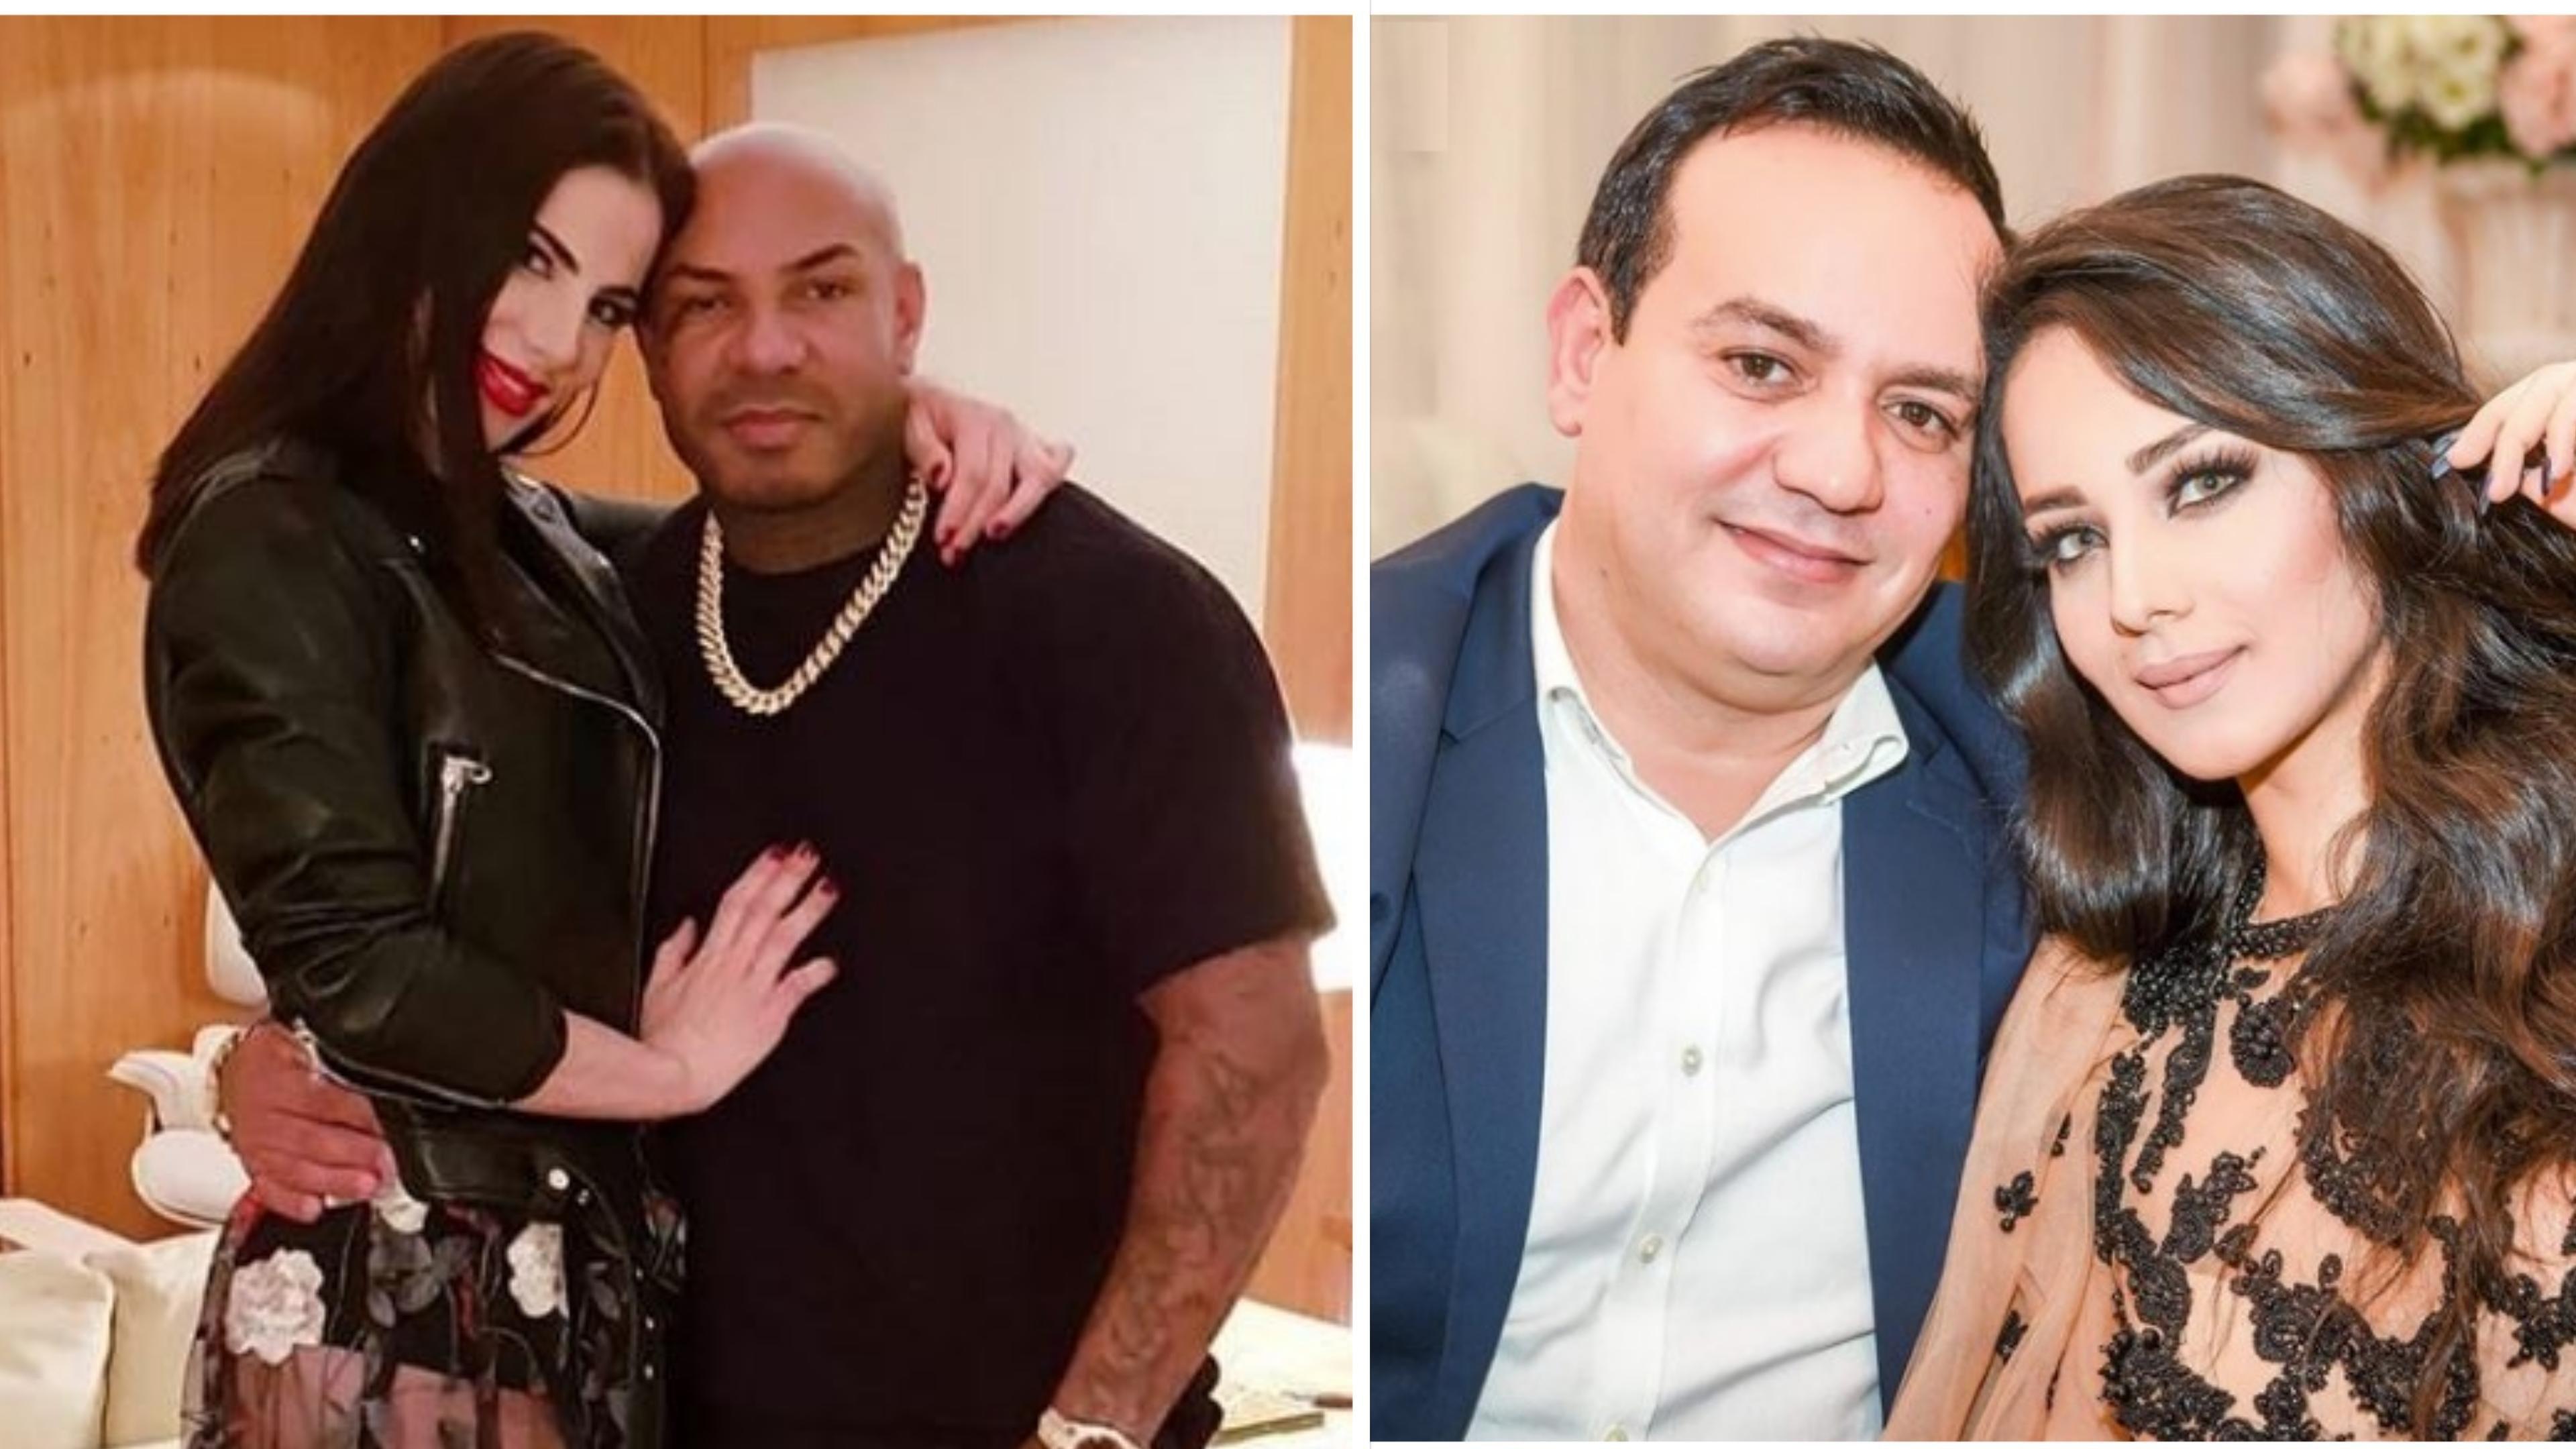 Vraie fausse rupture amoureuse pour Ala Chebbi, mariage de K2rhym avec la fille de Ben Ali...Trois raisons de préférer l'actu...